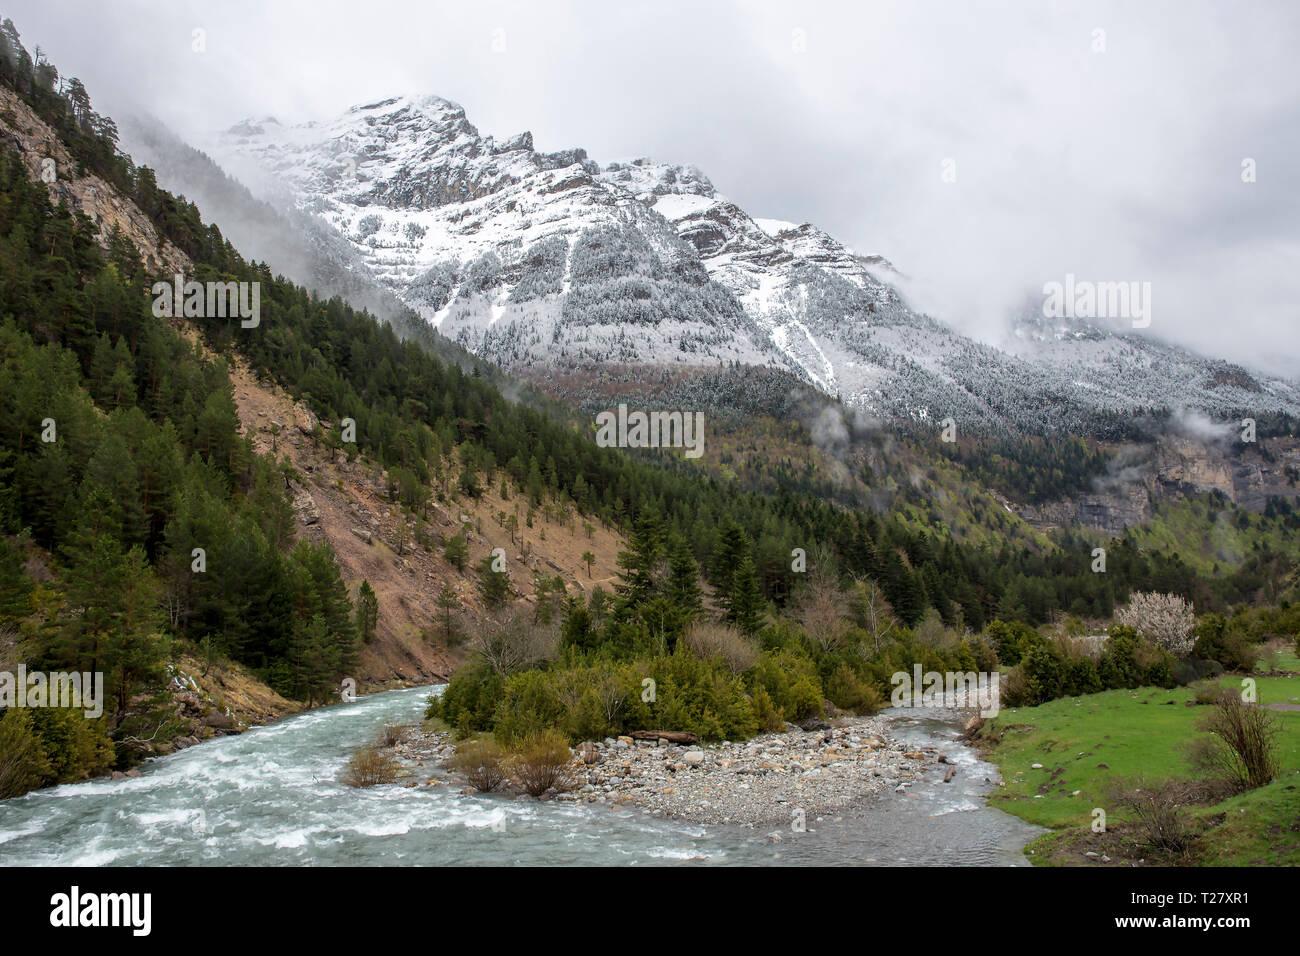 sehr günstig gut aus x weltweit bekannt Ara fiume nella valle Bujaruelo con un po' di neve in ...